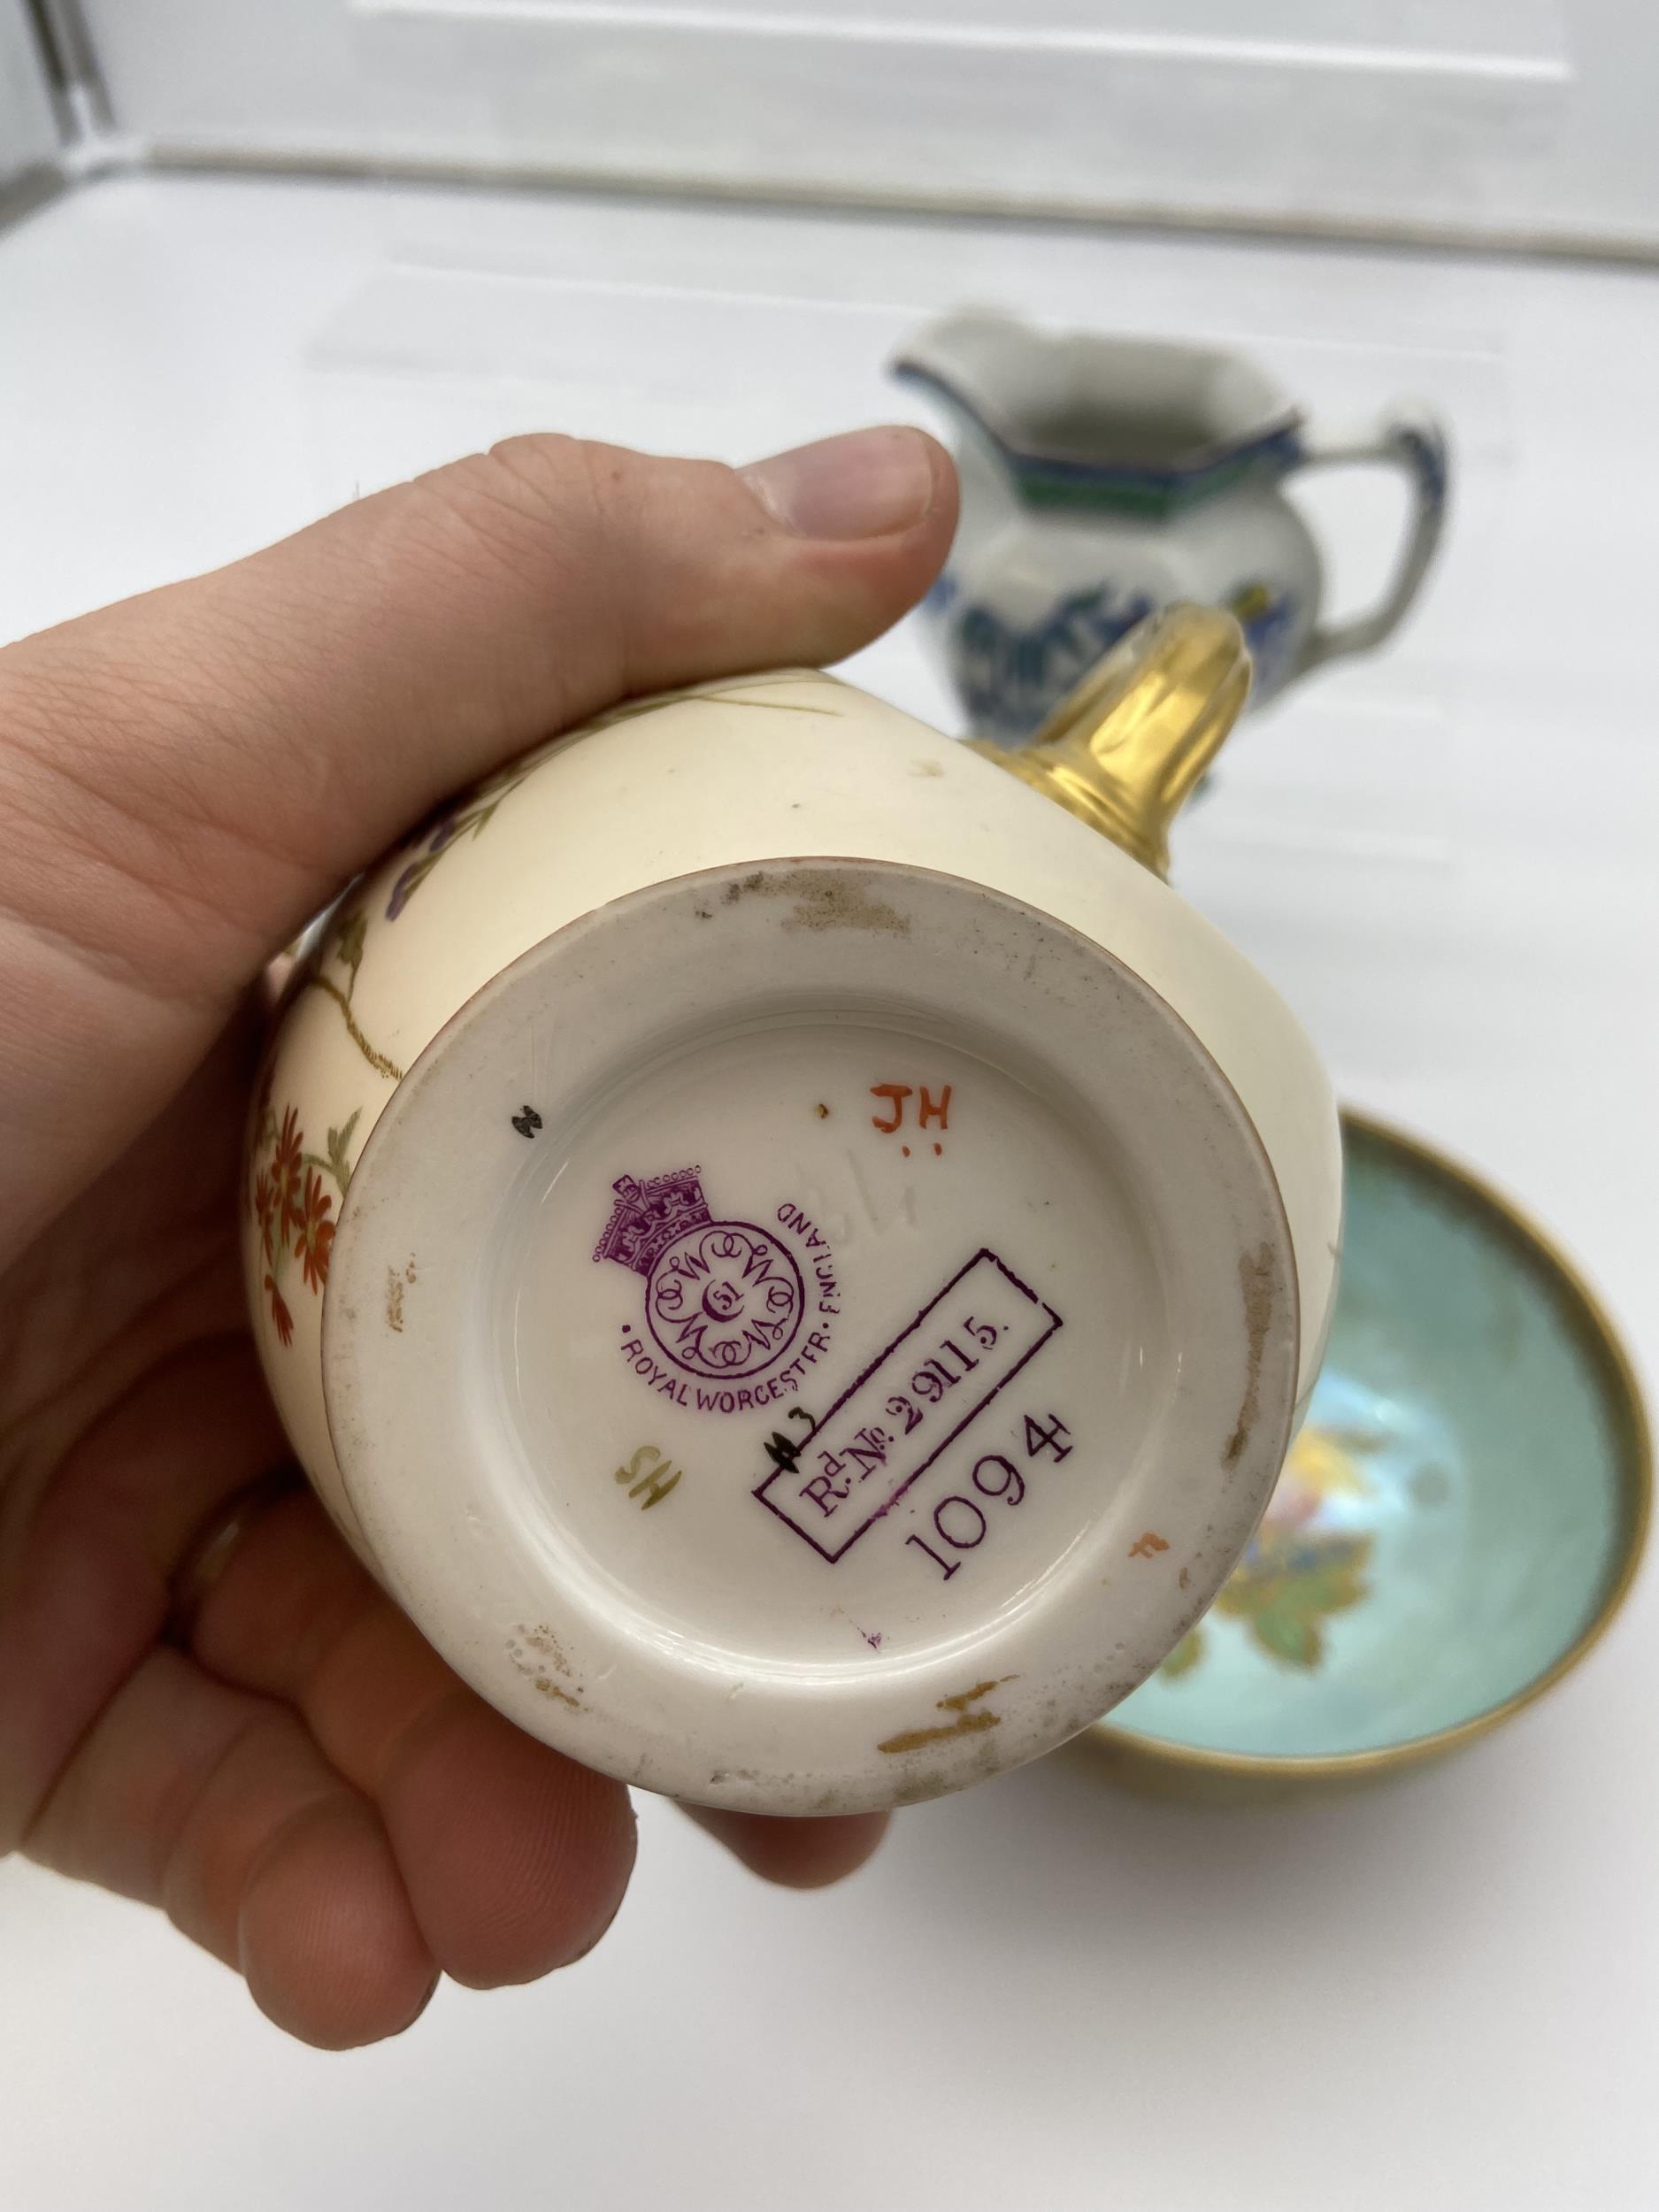 Maling crane design bowl, Wedgwood lustre fruit pattern bowl, Royal Worcester water jug [as found] & - Image 8 of 9